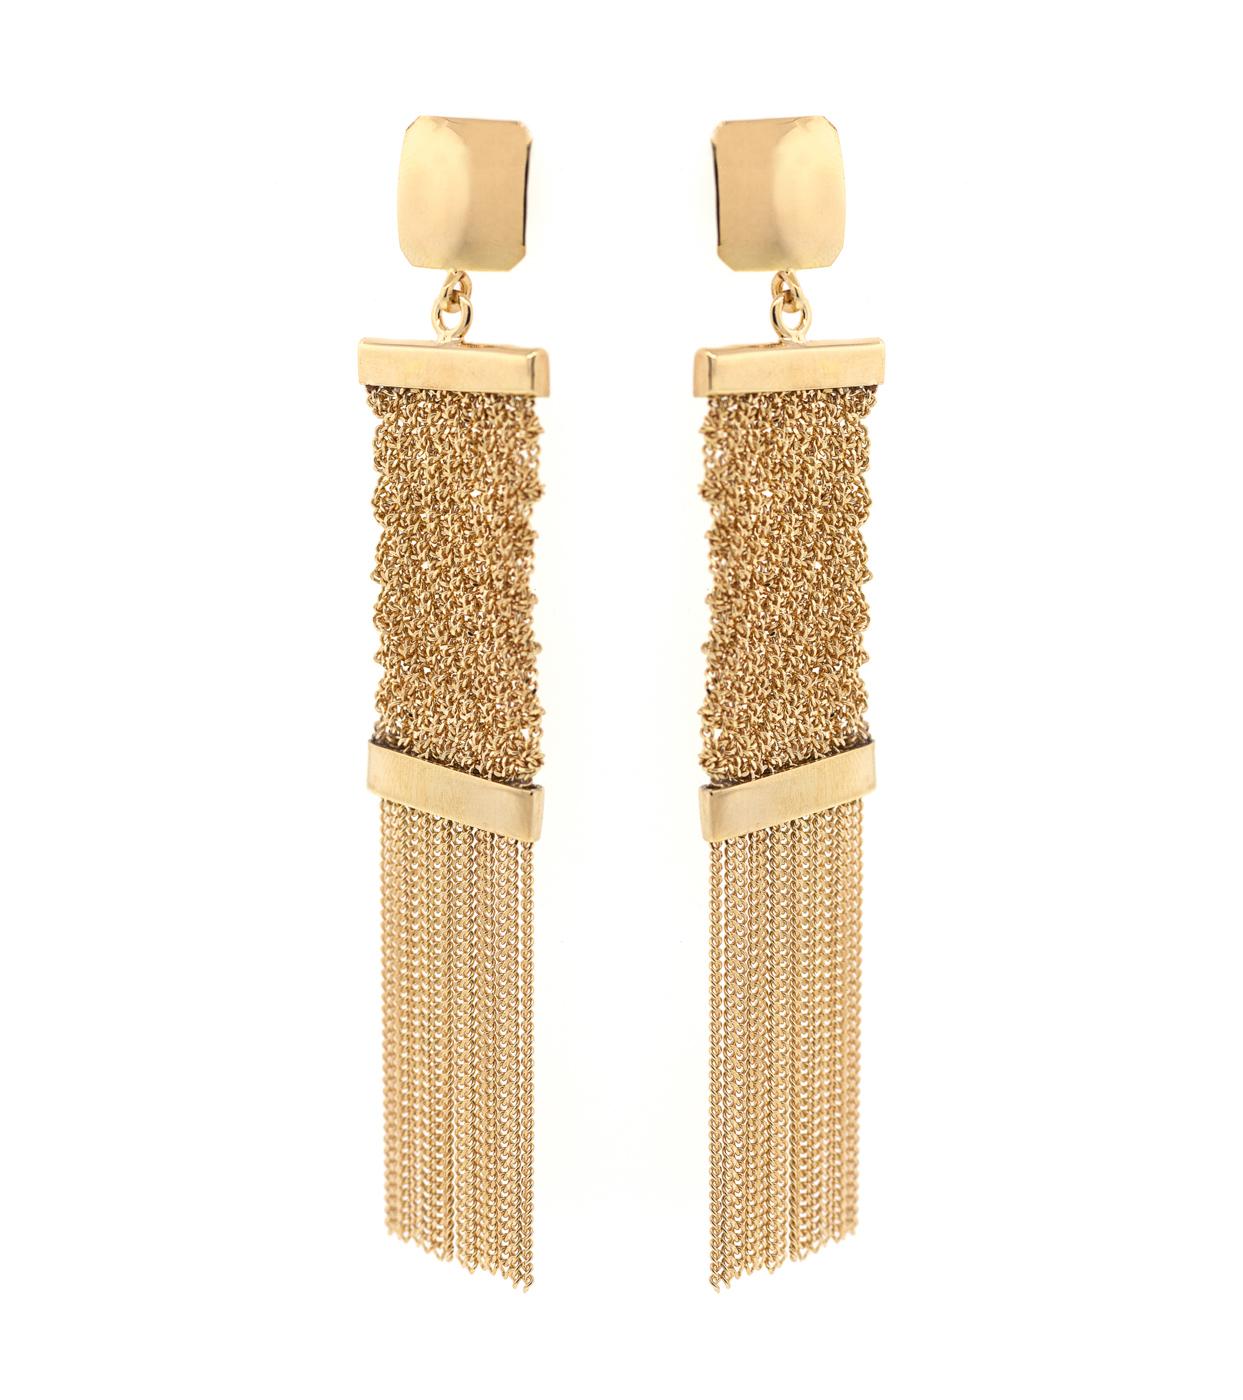 Tassle Earrings Yellow $395.jpg